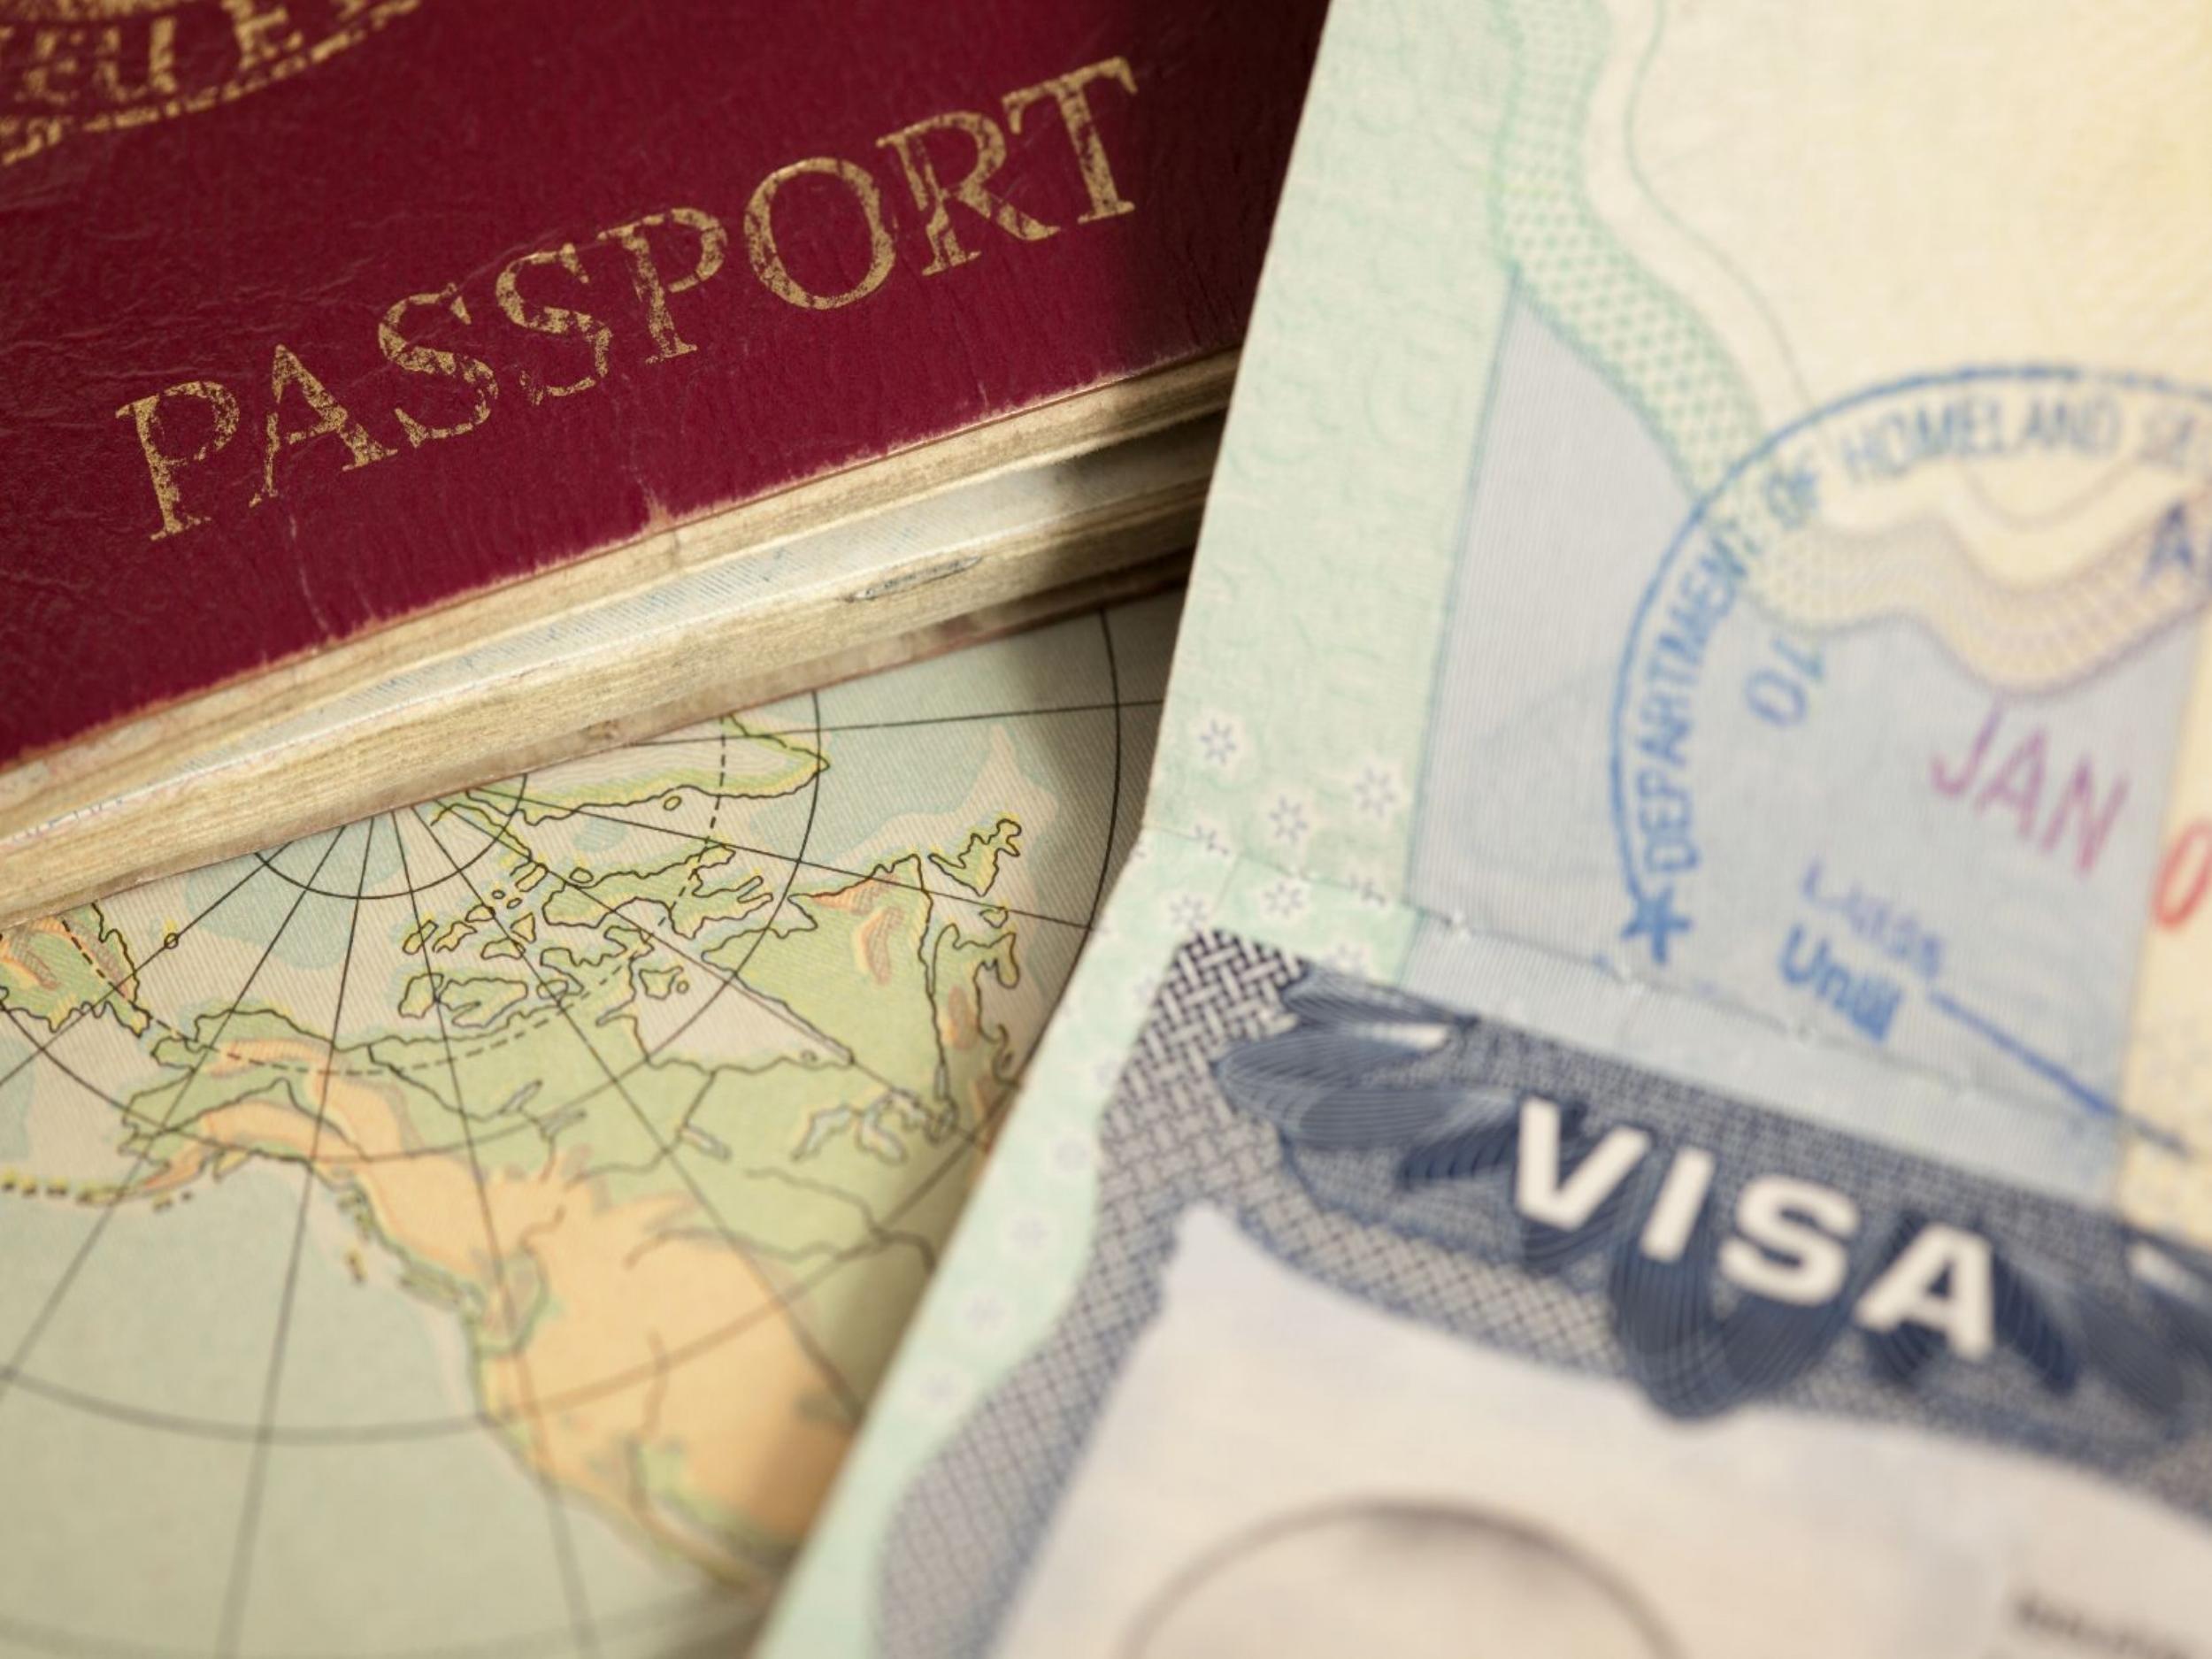 Vize İşlemleri - Tüm vize süreciniz Can Akademi tarafından yürütülecektir.